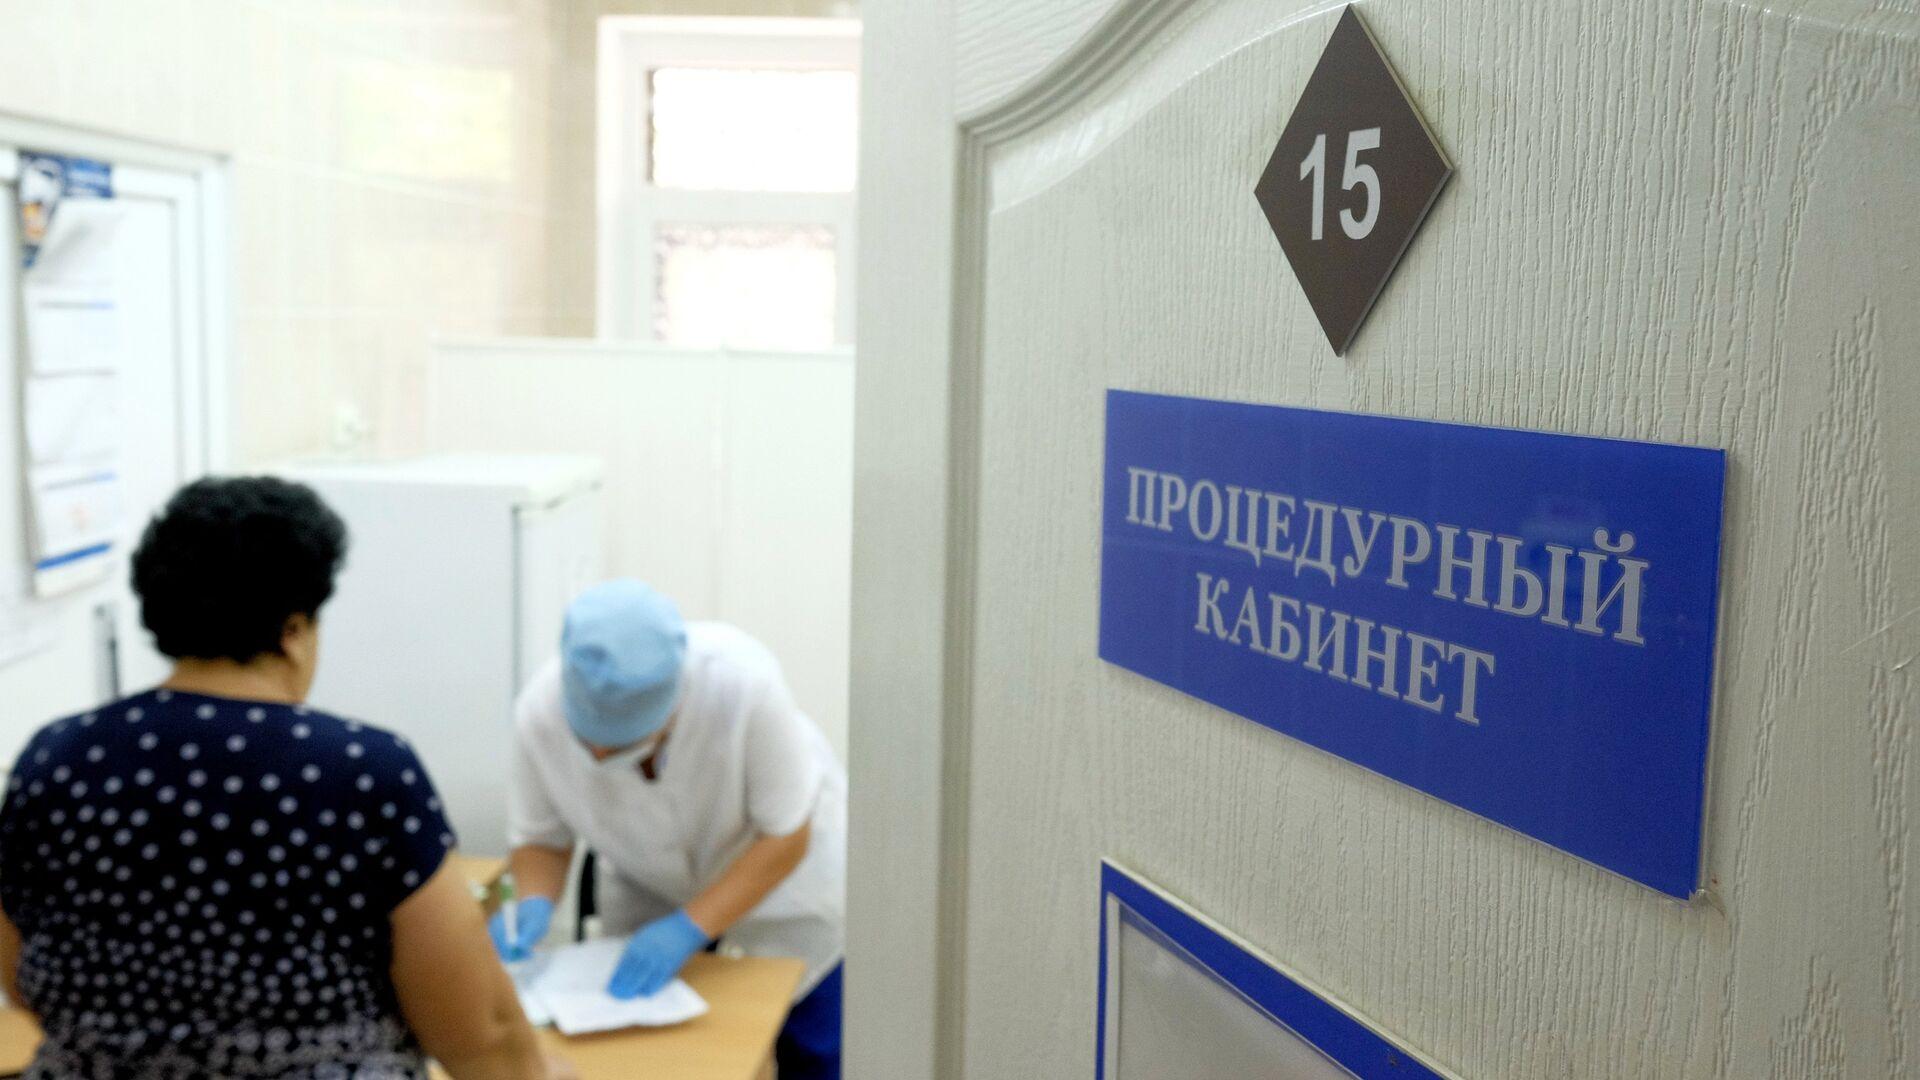 Женщина в процедурном кабинете на приеме врача - РИА Новости, 1920, 08.05.2021